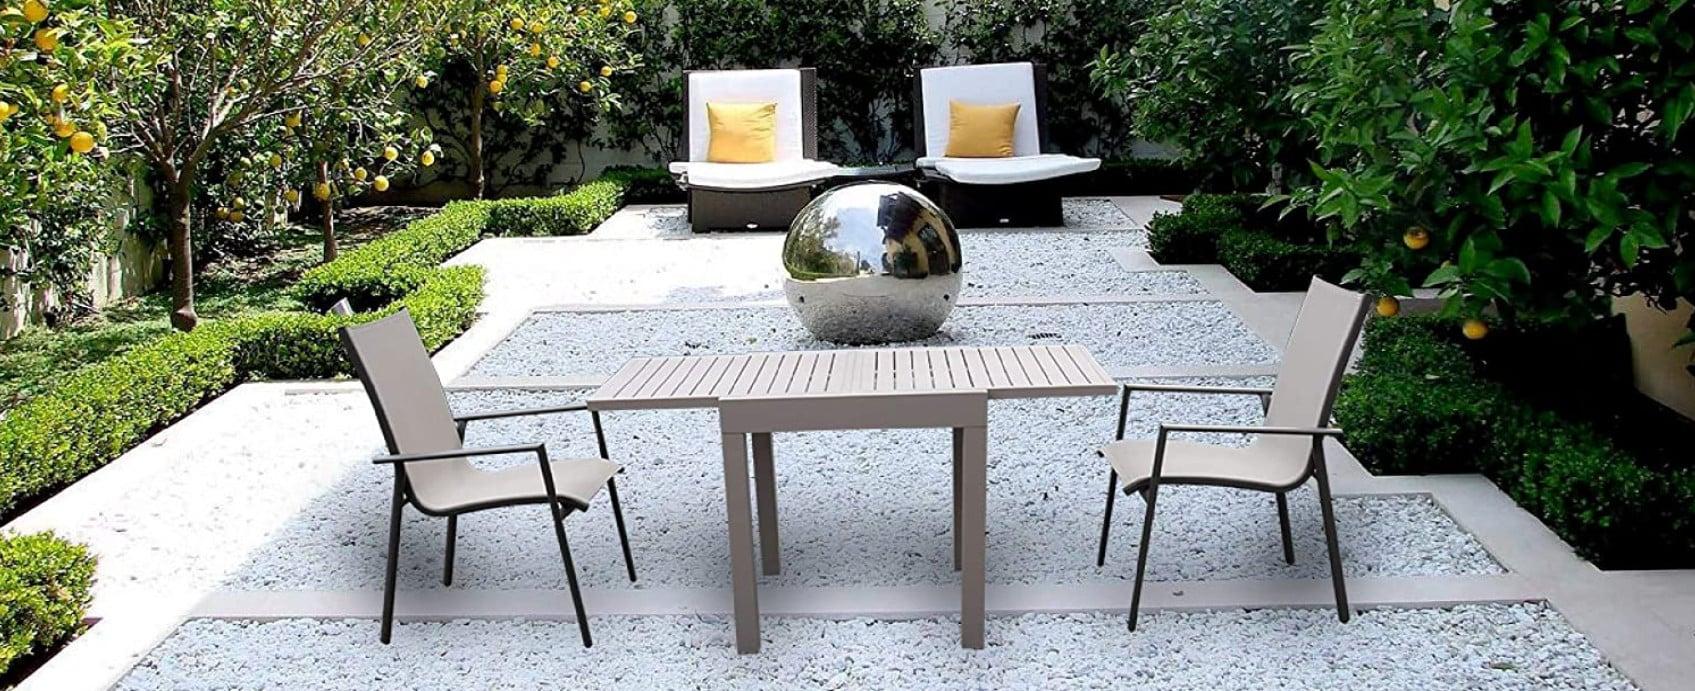 Comparatif pour choisir la meilleure table de jardin extensible